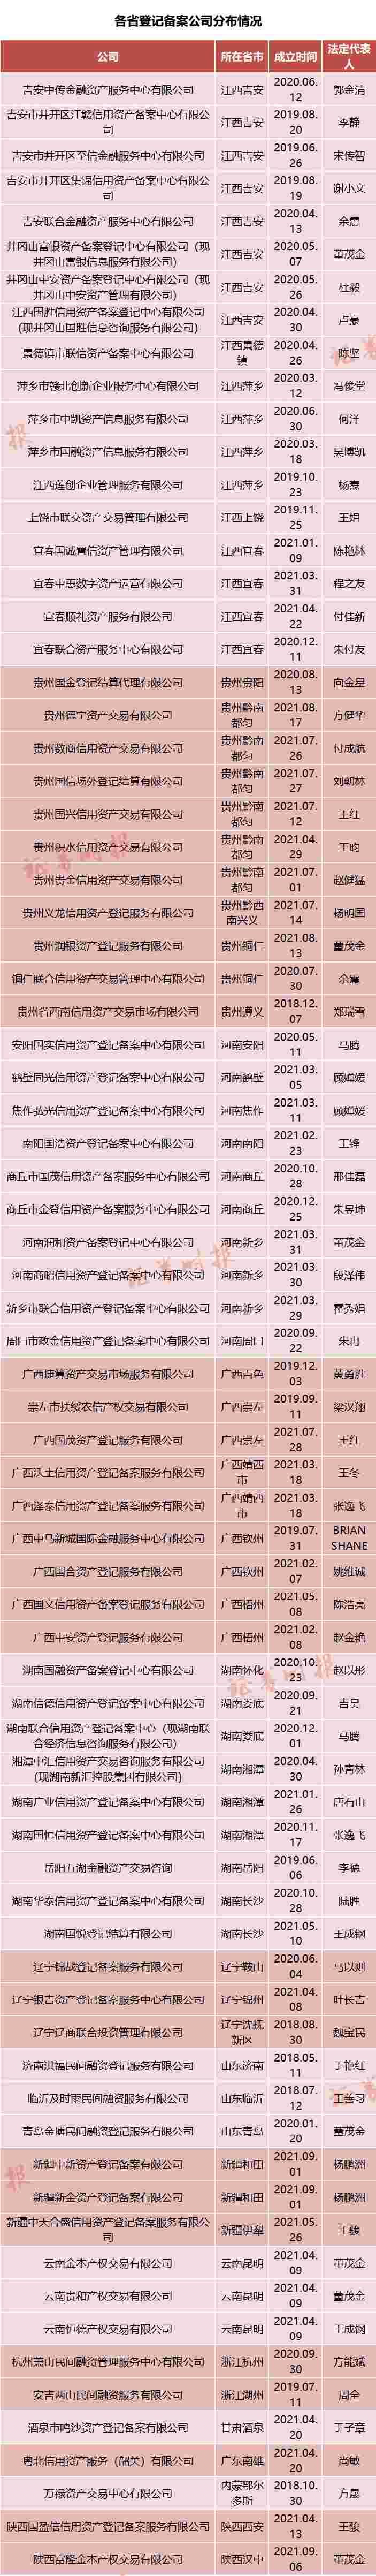 """潜望丨起底""""伪金交所"""":藏身""""穷乡僻壤"""",暗助房企、资管千亿自融"""